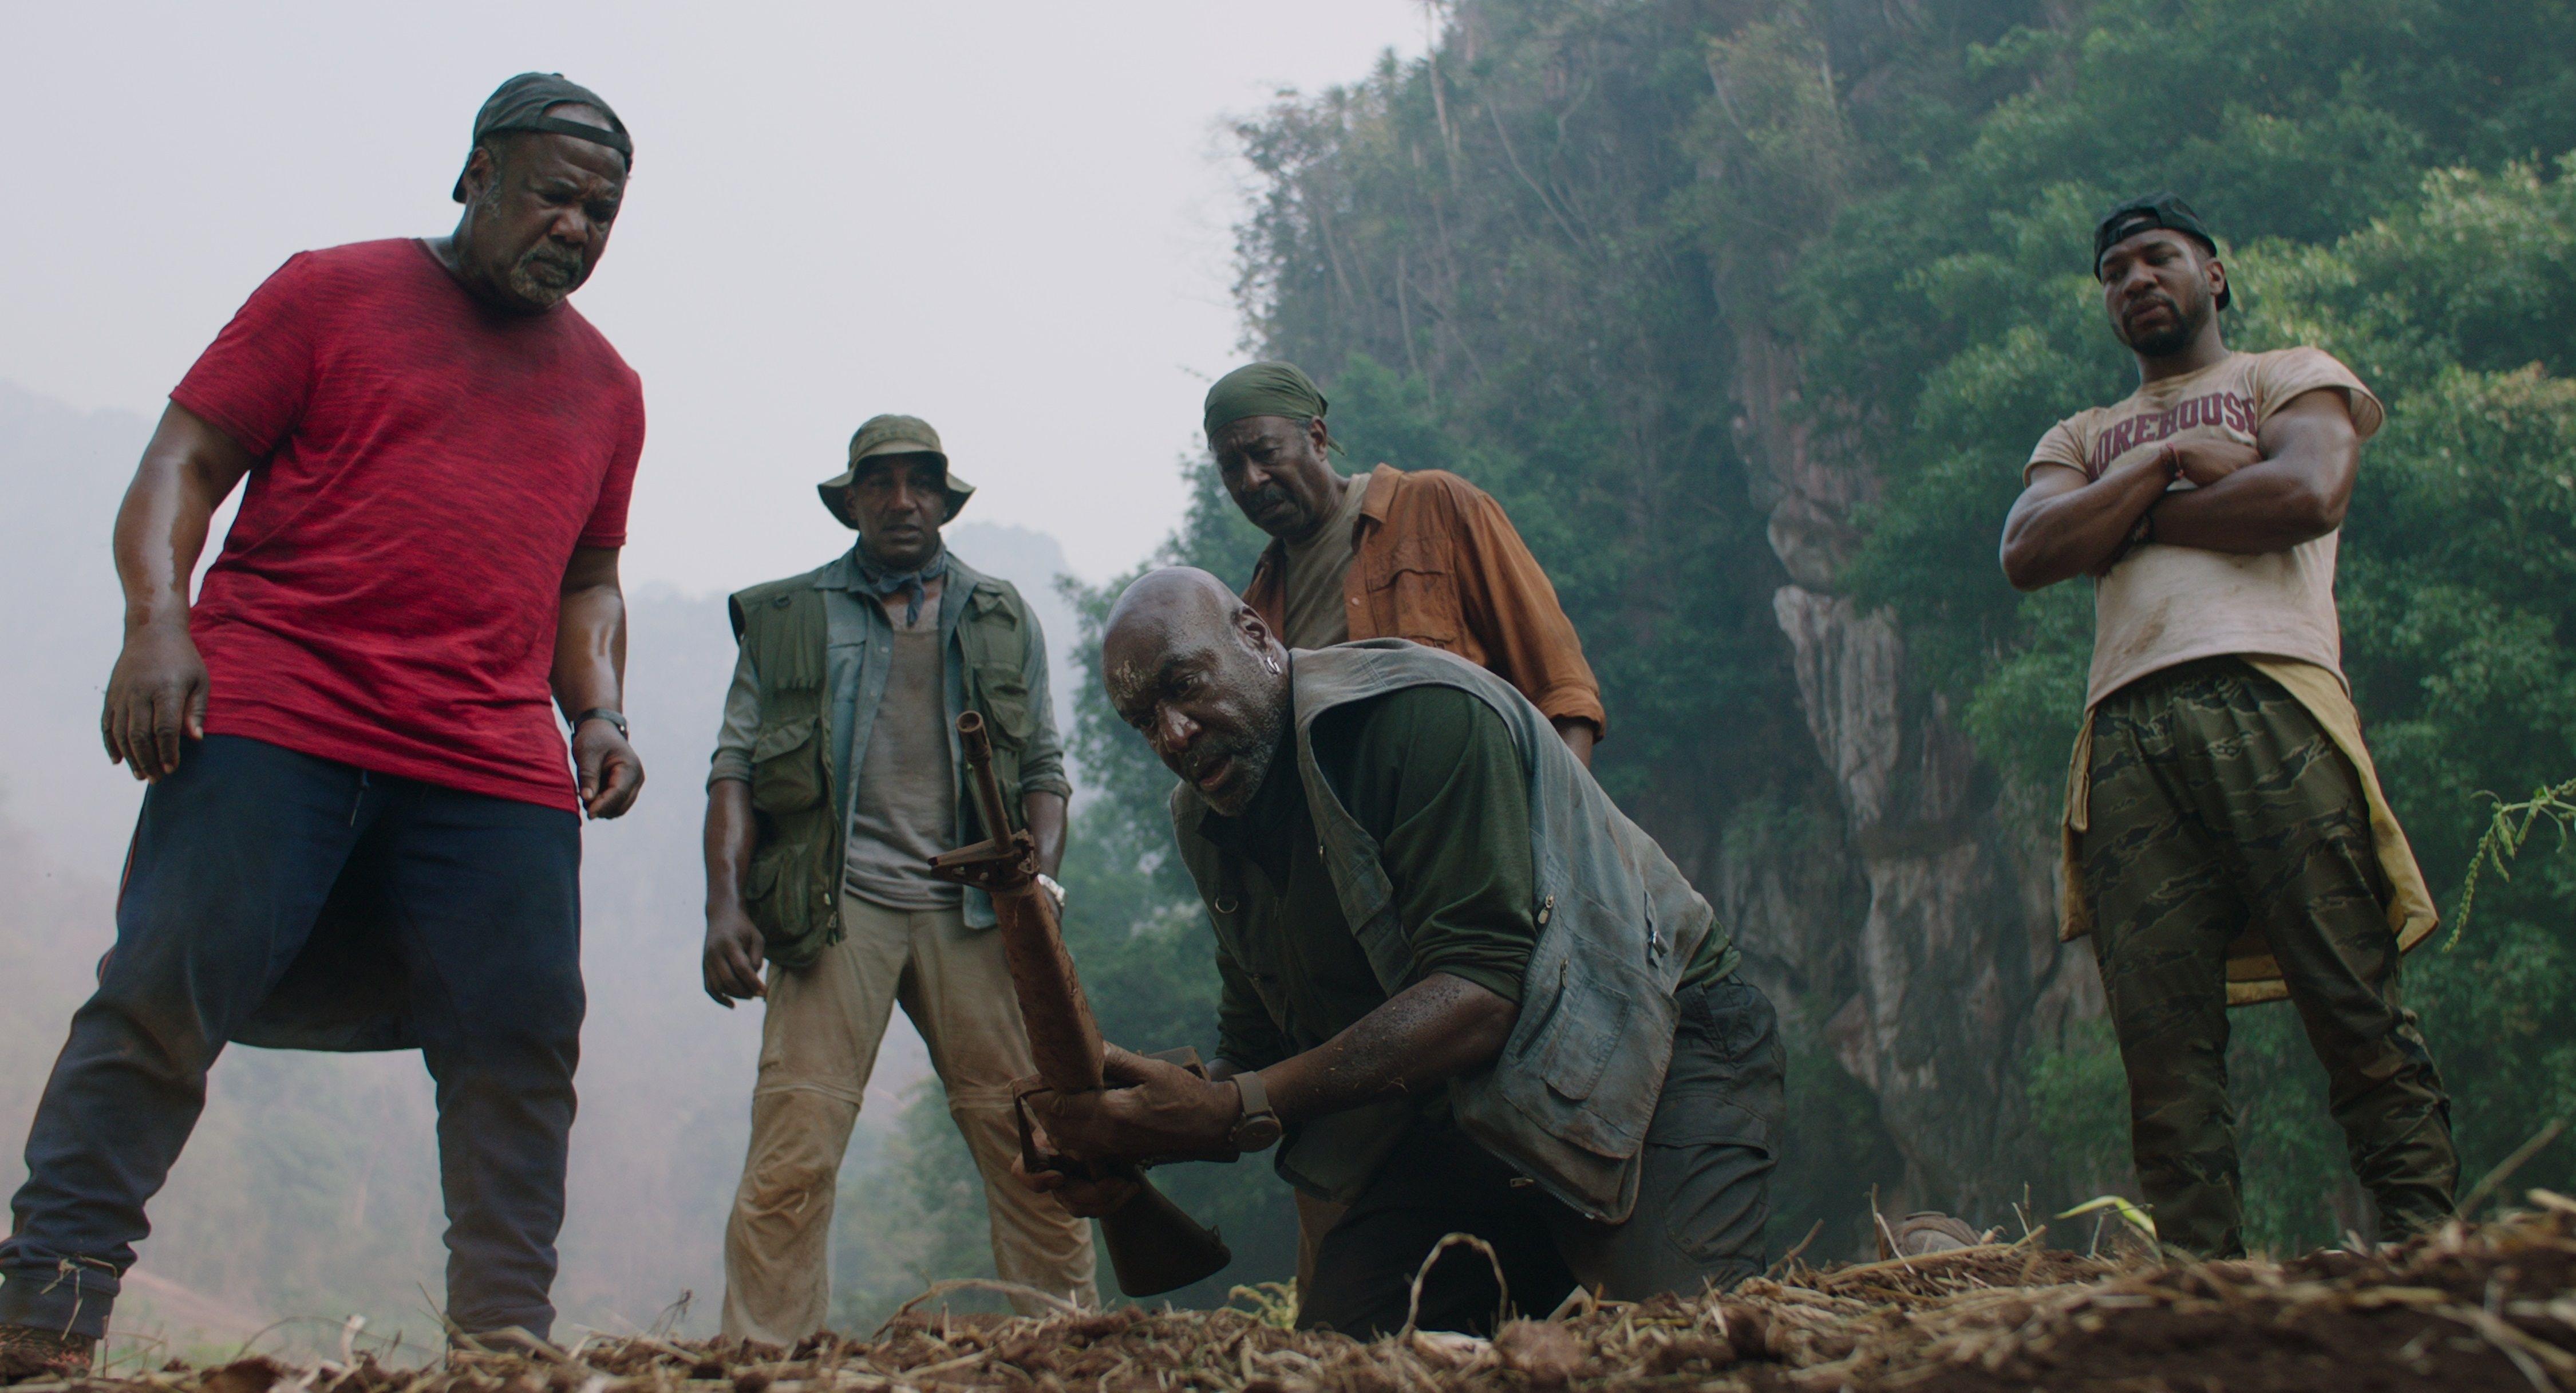 """Delroy Lindo vuelve con Spike Lee: Que maten a negros es casi """"una  tradición"""" - Infobae"""